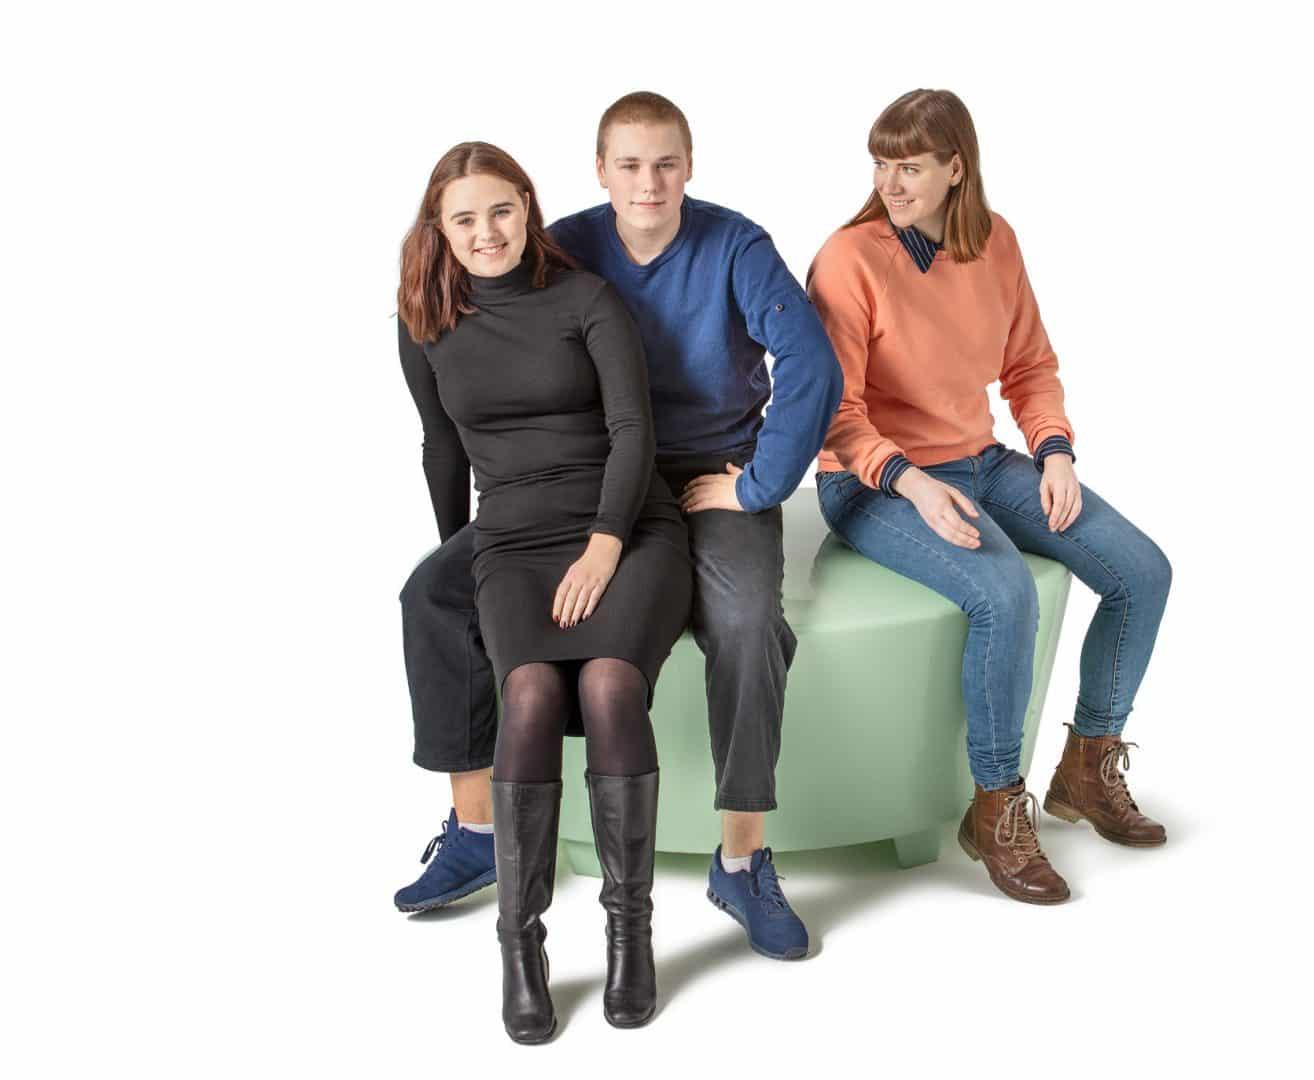 Maza seating furniture – Nola